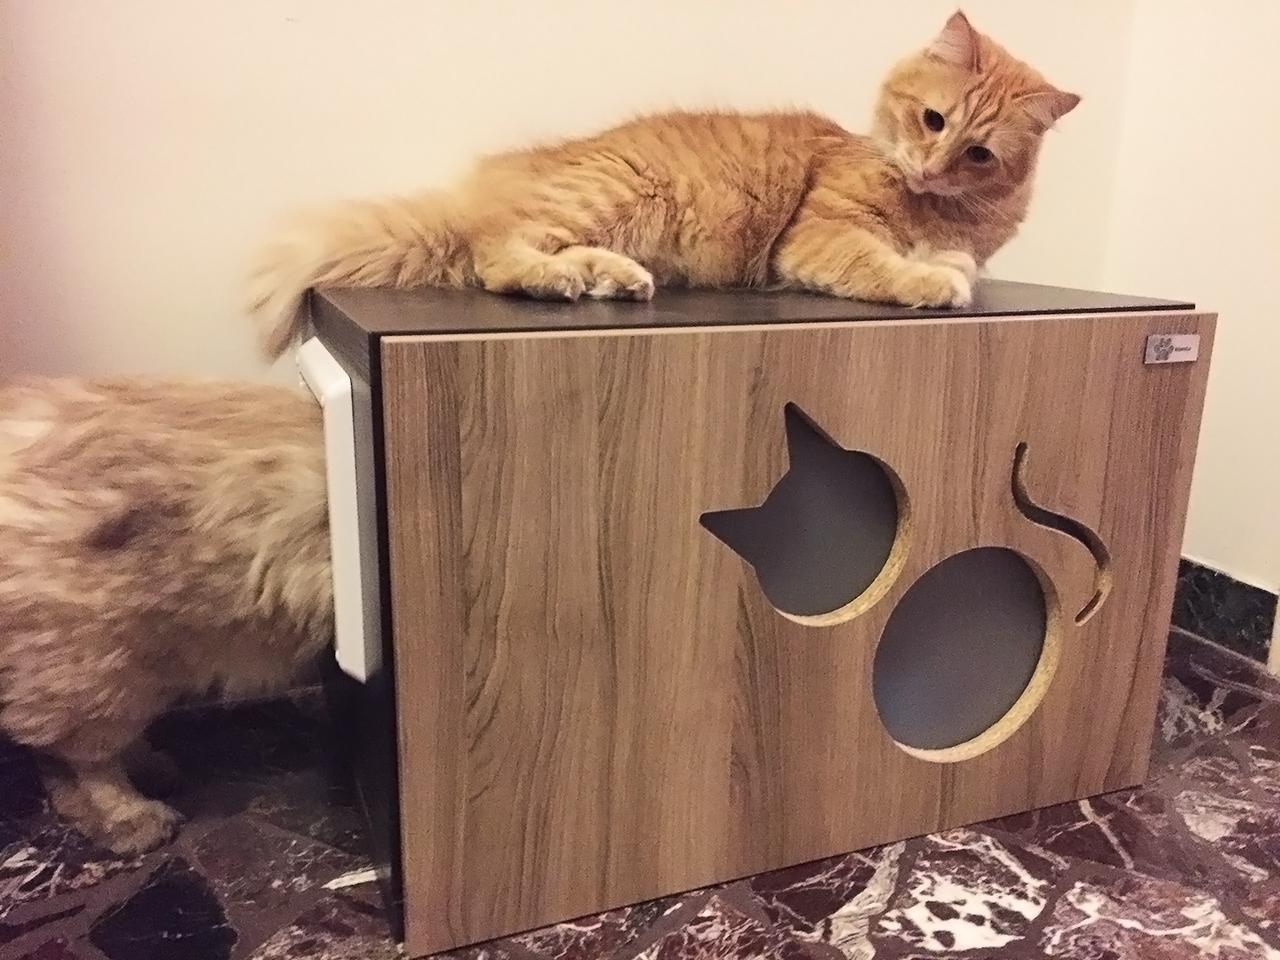 Mobili Per Gatti Fai Da Te : Mobili per gatti design casa creativa e mobili ispiratori